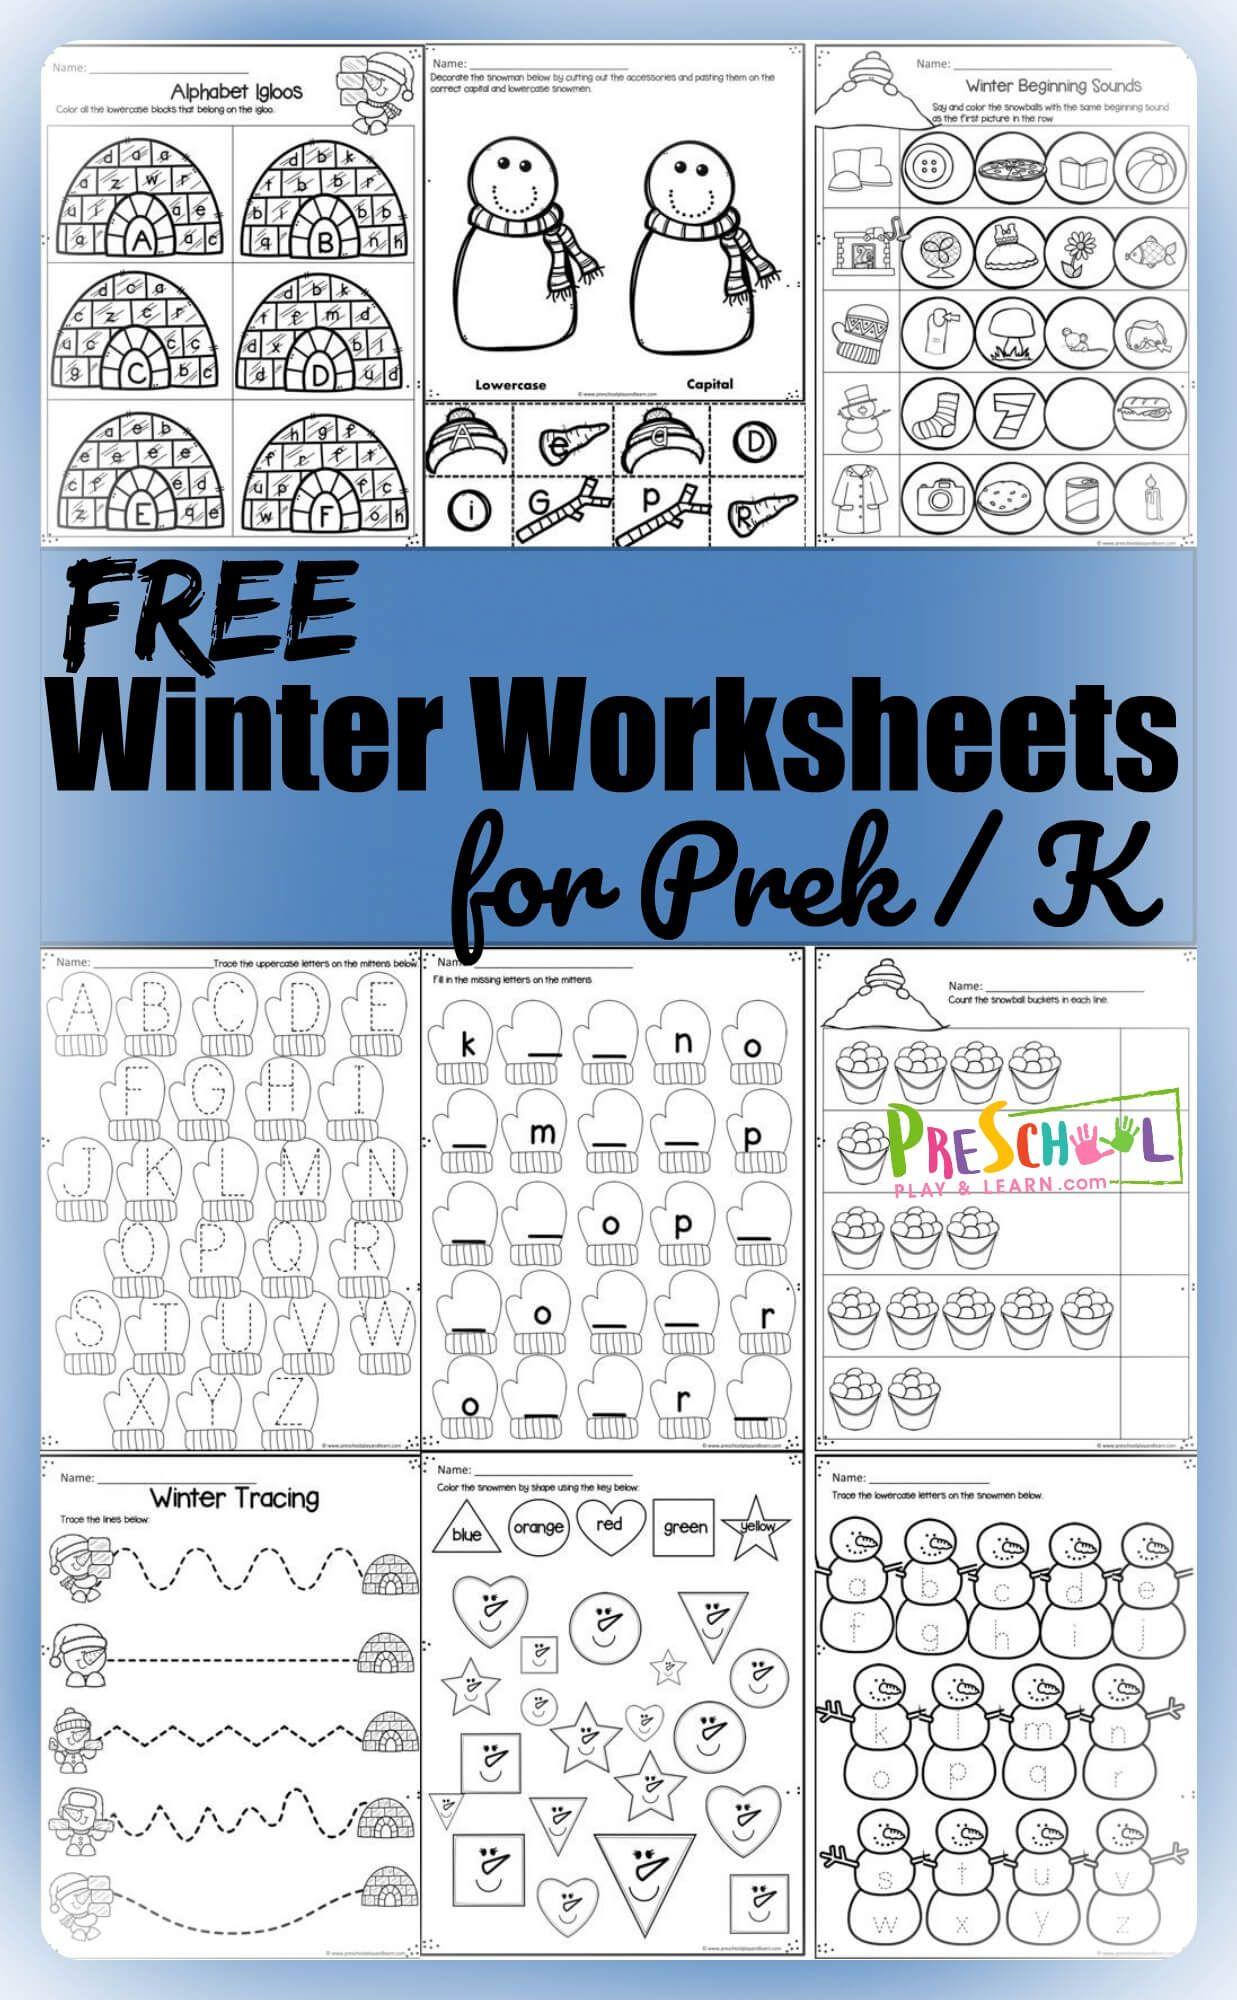 Winter Worksheets For Preschool Worksheets For Kids Winter Kindergarten Worksheets Kindergarten Math Worksheets Addition [ 2000 x 1237 Pixel ]